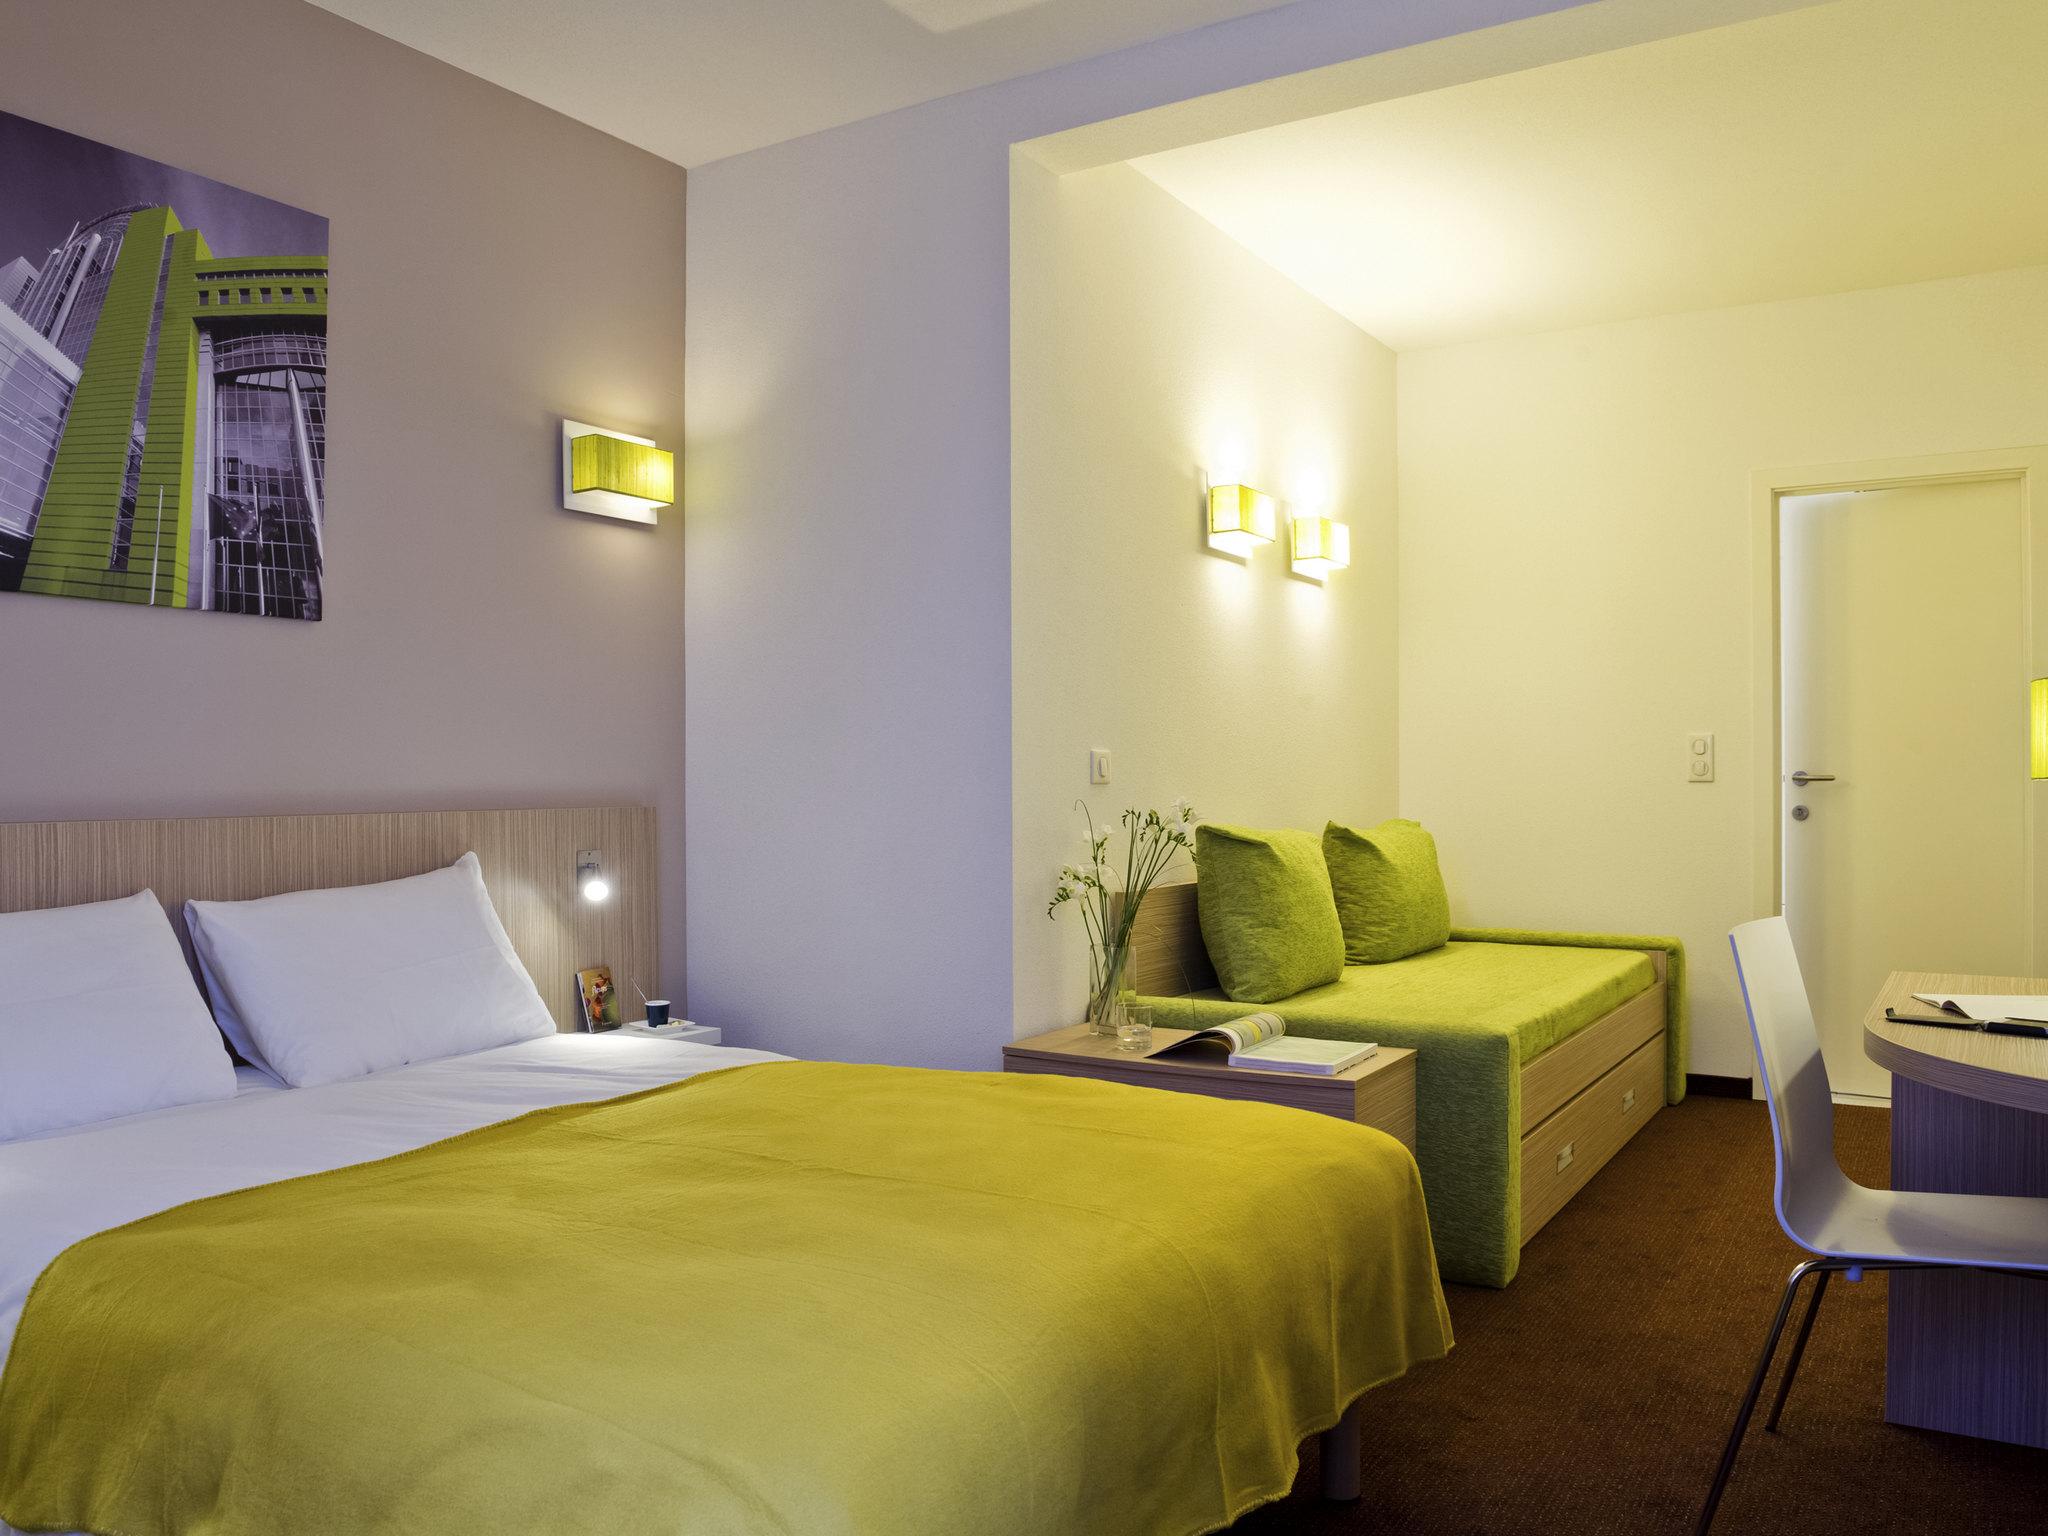 Hotel - Aparthotel Adagio access Brussels Europe